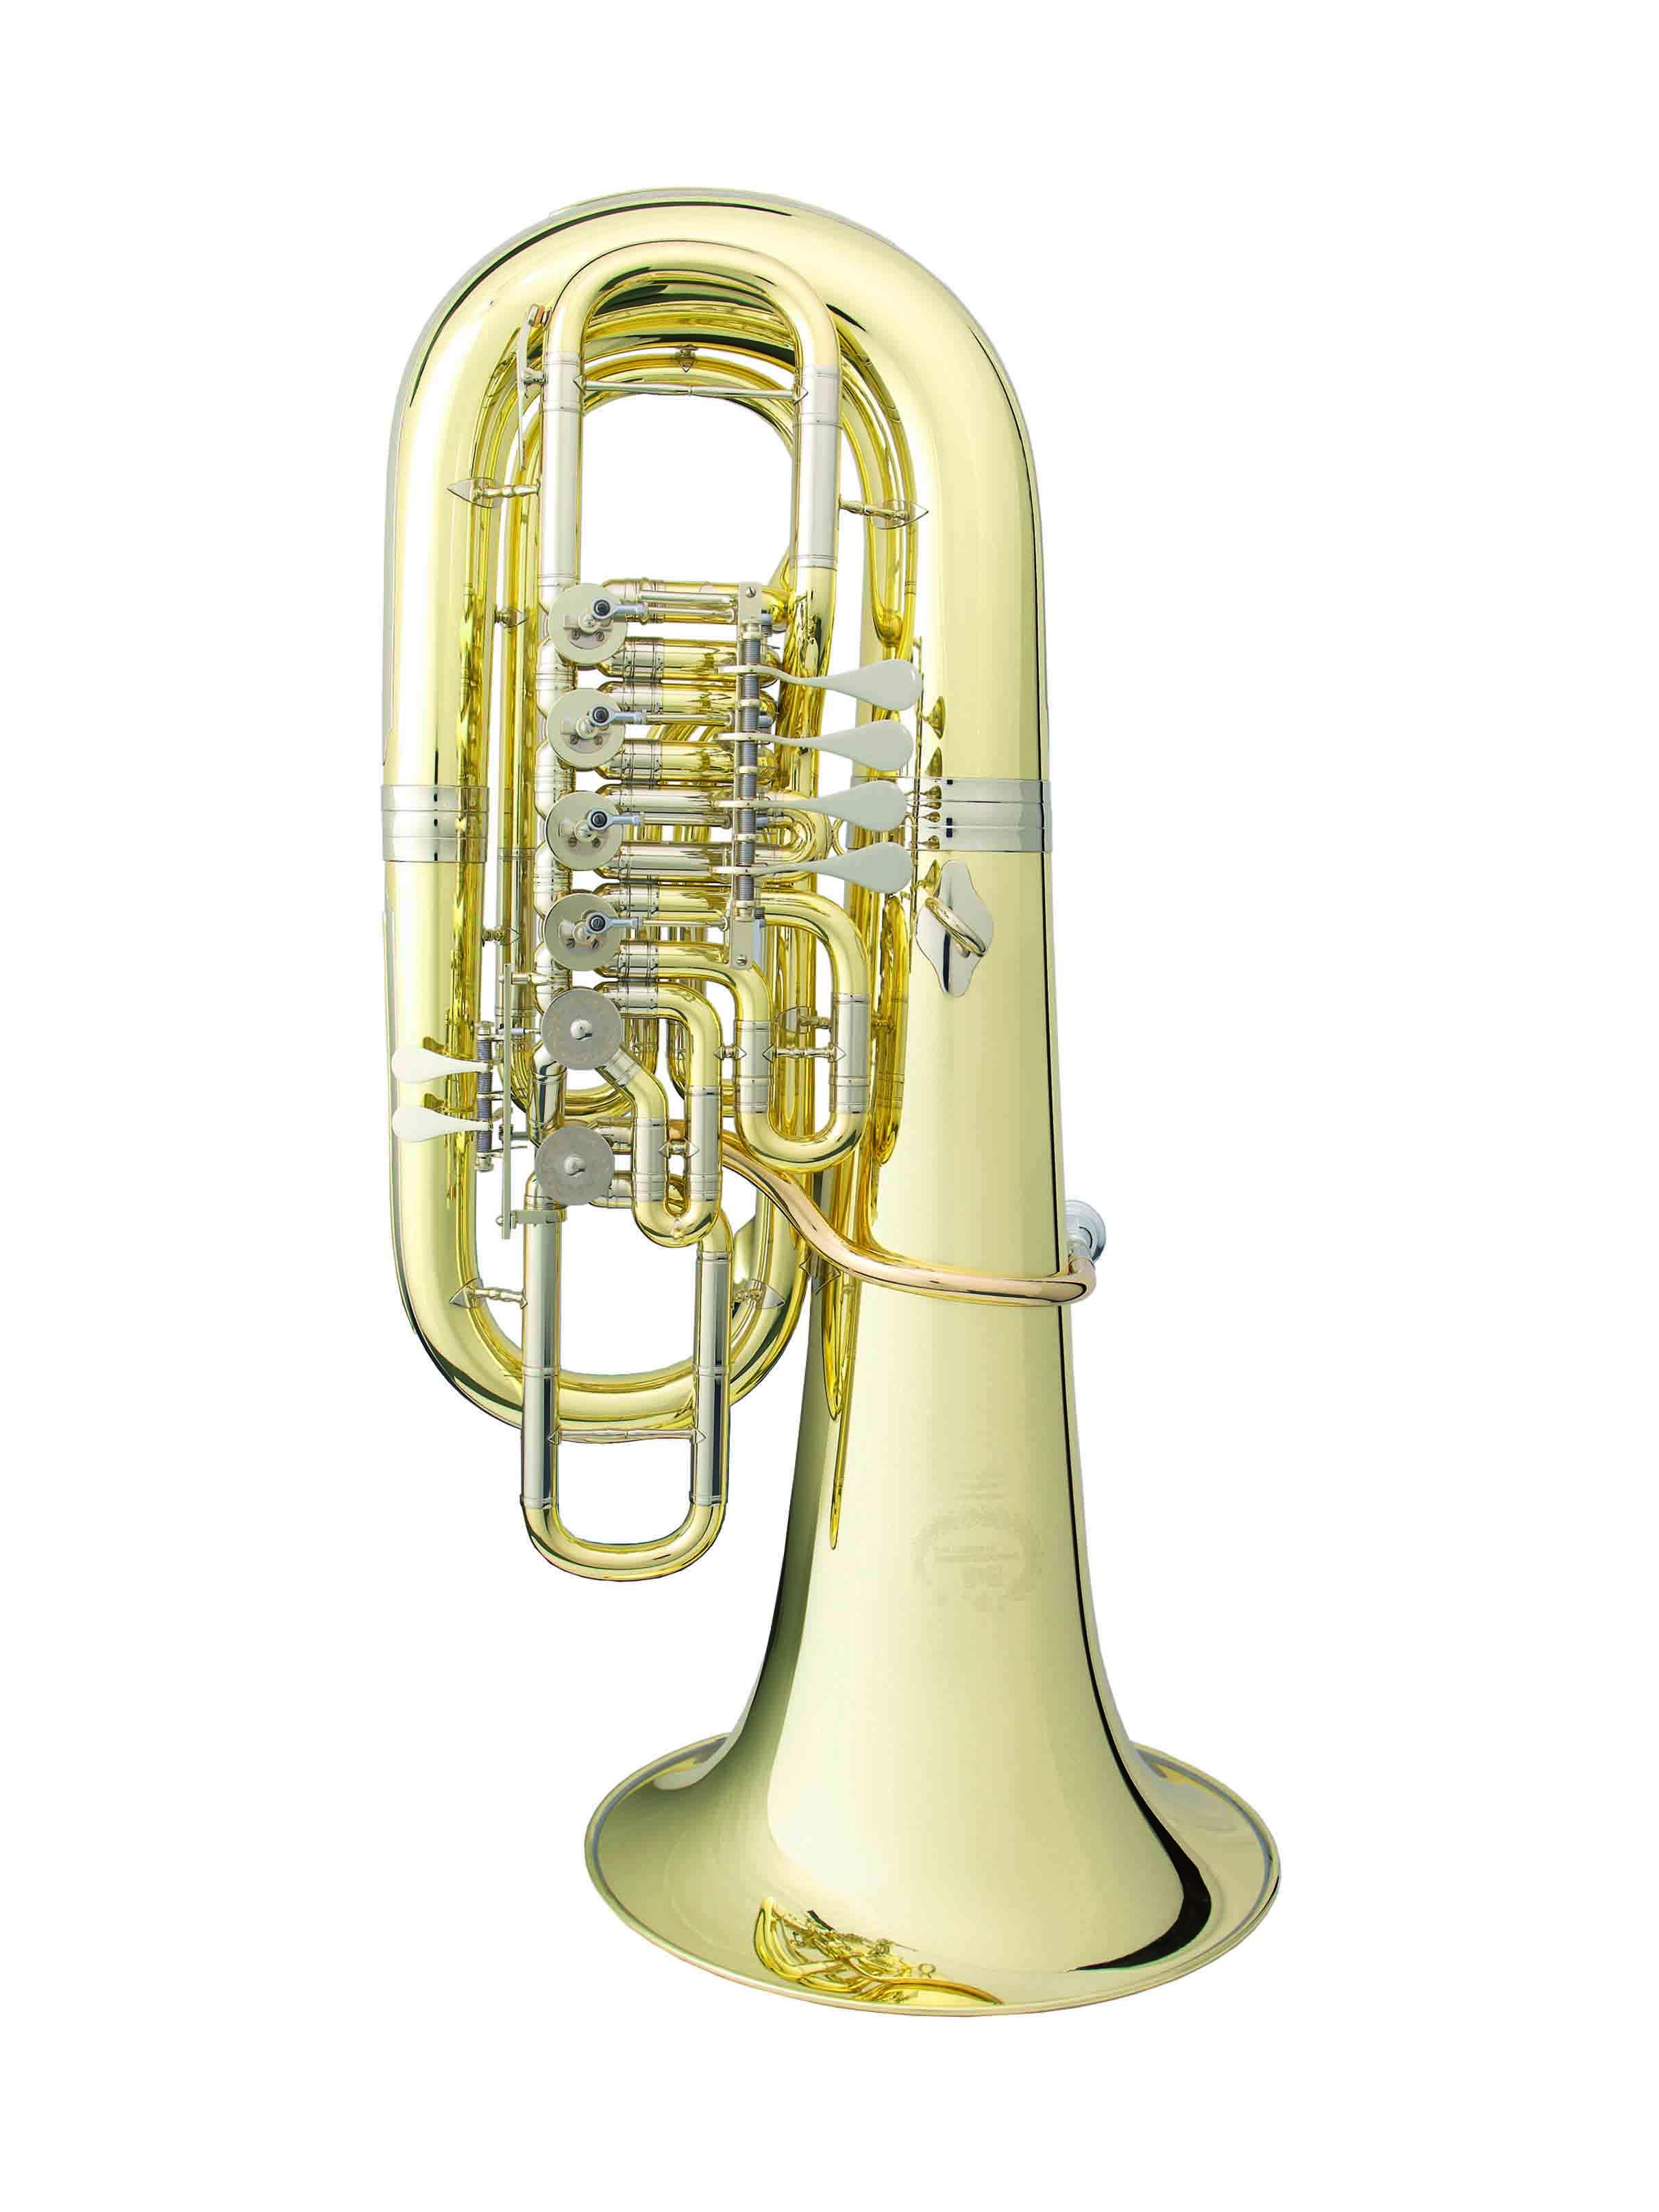 B&S - BS - 5100W - 1 - 0GB - /PT-16 - Blechblasinstrumente - Tuben | MUSIK BERTRAM Deutschland Freiburg